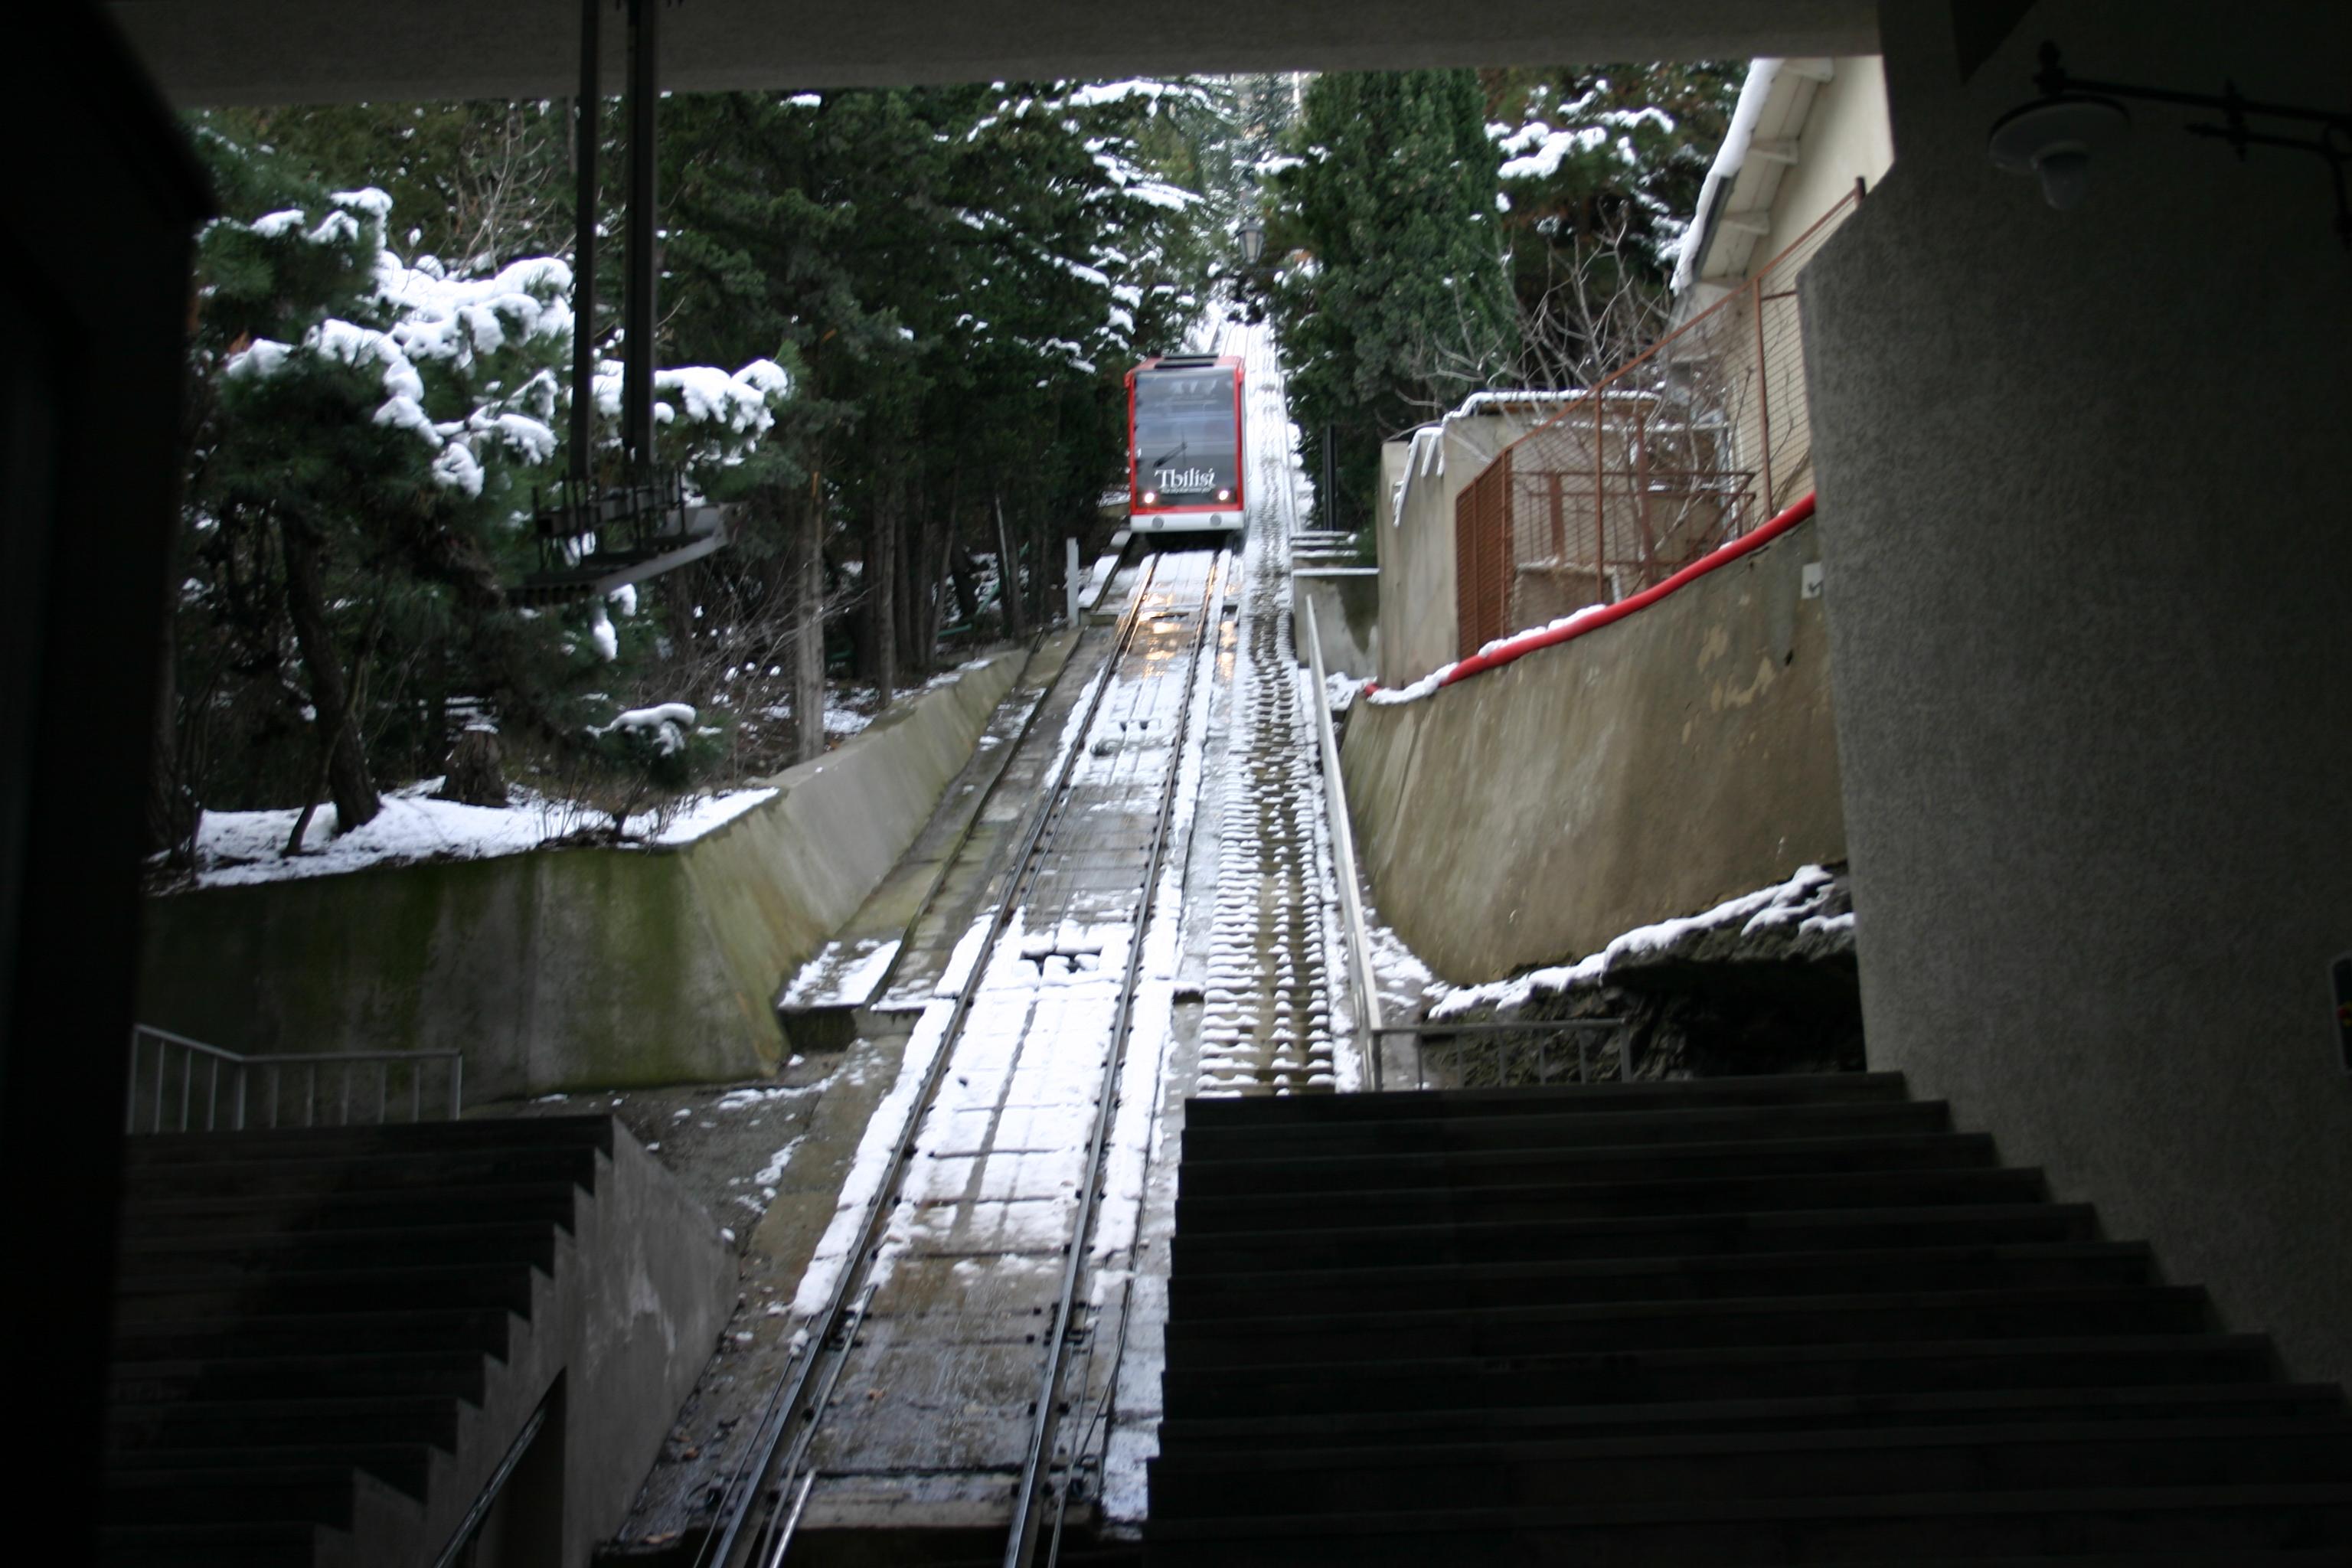 القطار الجبلي المائل في تبليسي